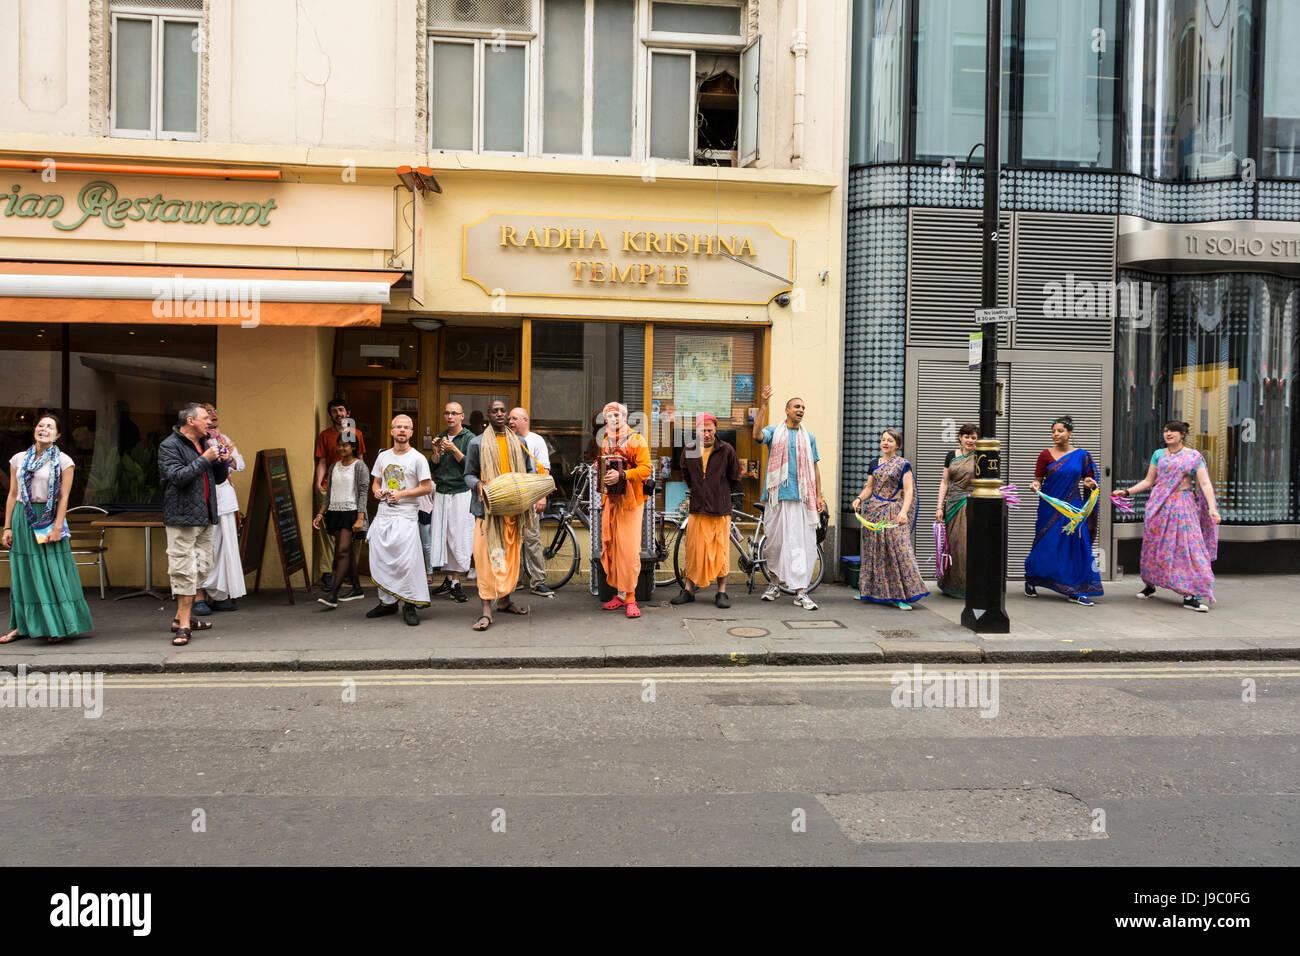 Les dévots danser et chanter à l'extérieur du Temple Radha-Krishna dans Soho Street, London, UK Banque D'Images